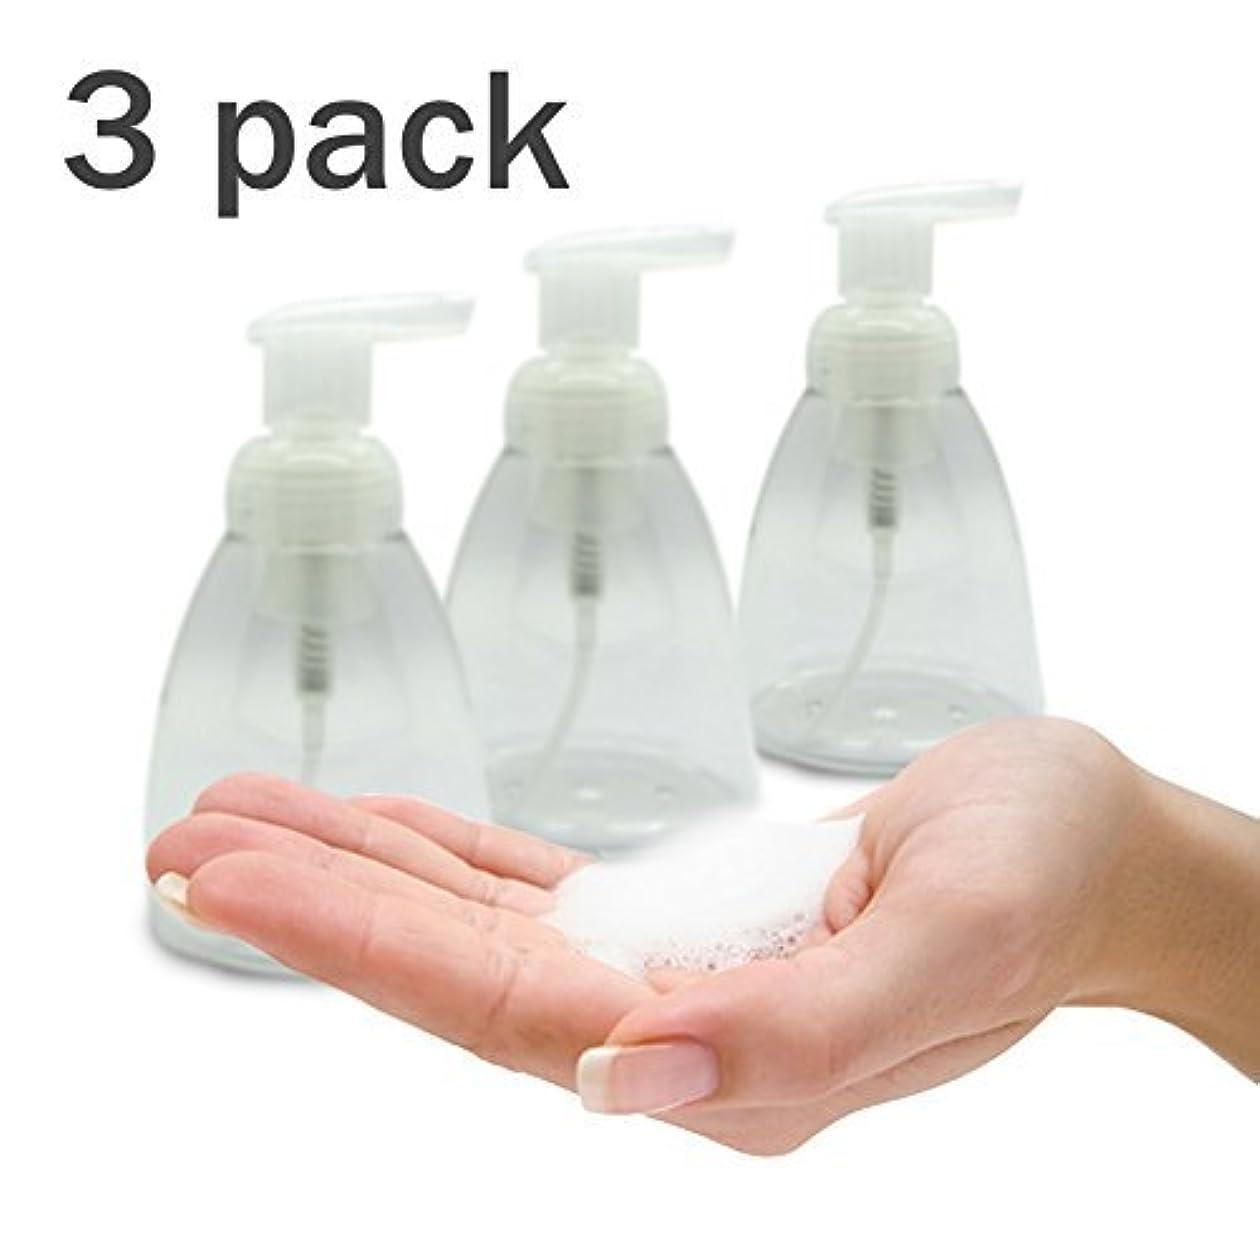 海外家禽内陸Foaming Soap Dispenser Set of 3 pack 300ml (10 oz) Empty Bottles Hand Soap Liquid Containers. Save Money! Less...